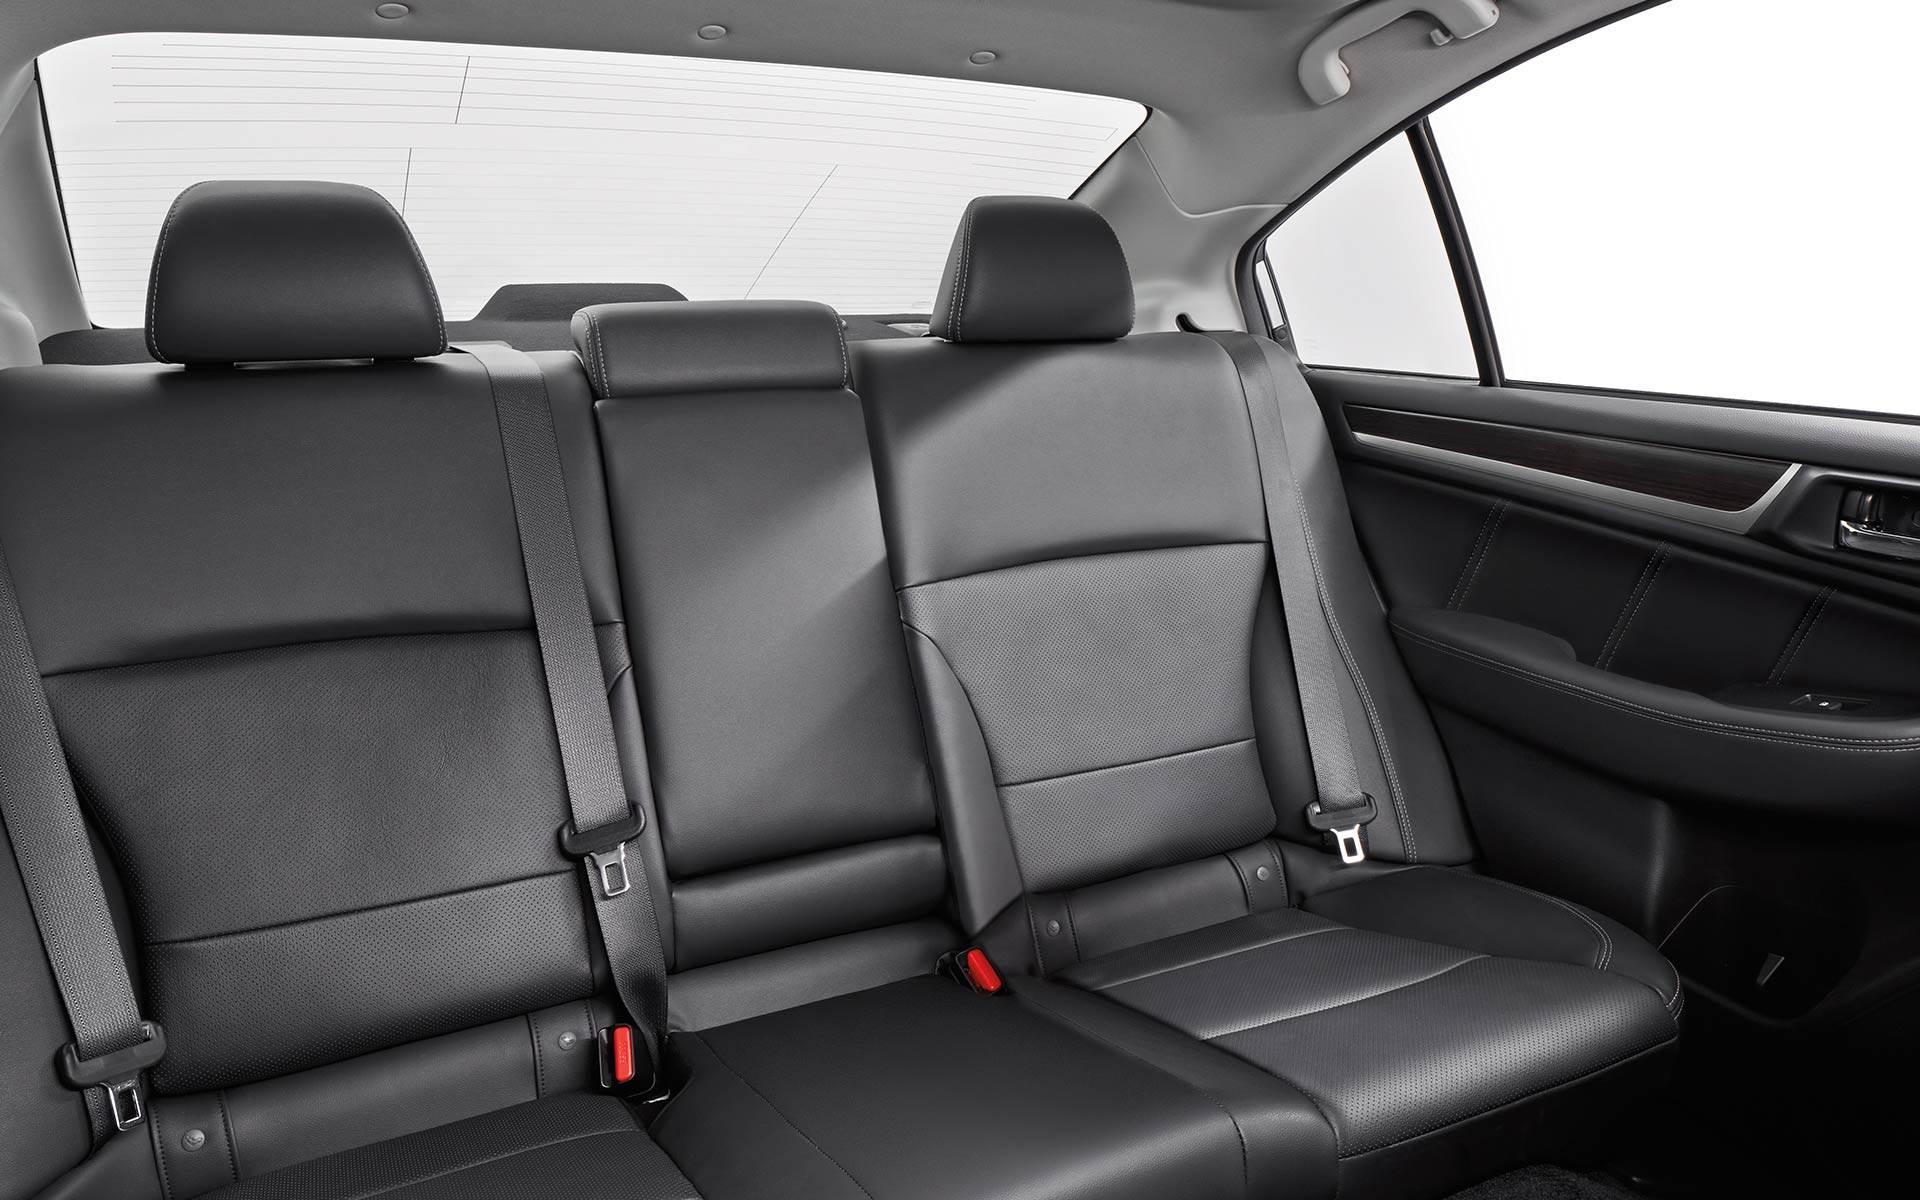 Rear Seating in the Subaru Legacy